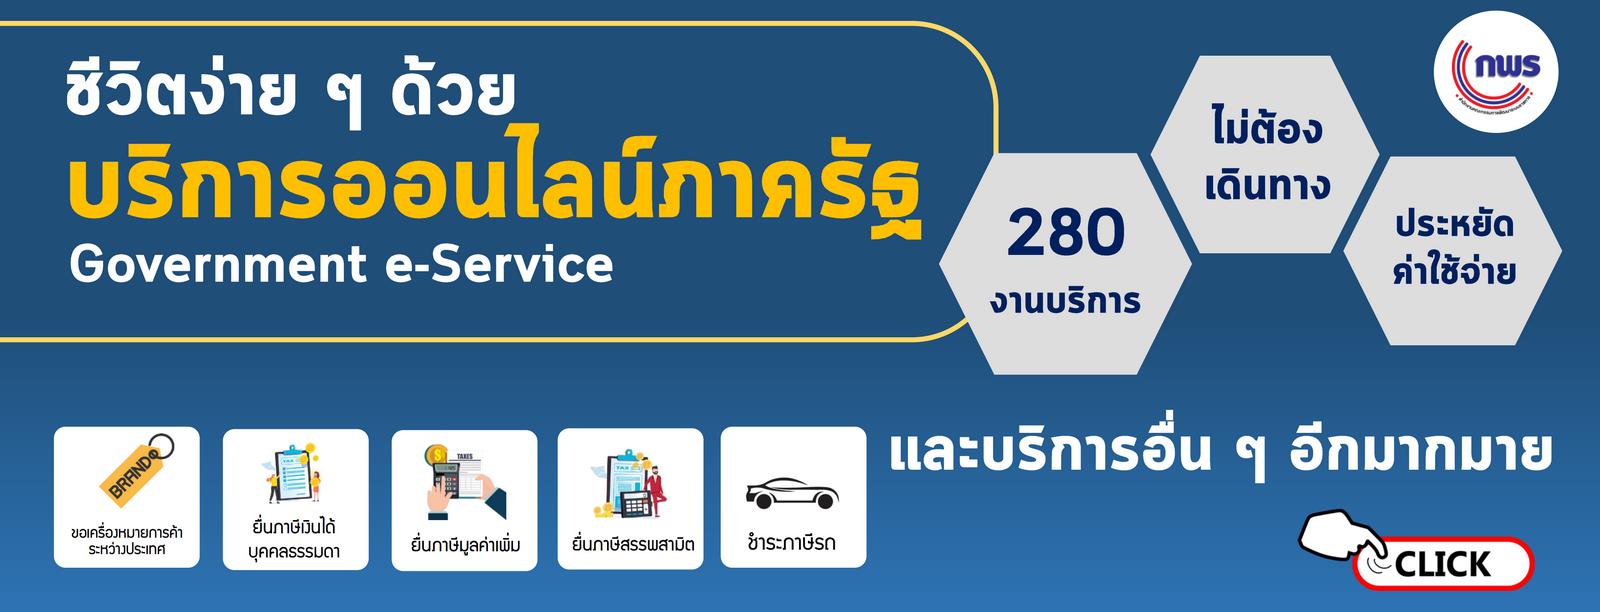 280งานบริการ e-Service ของรัฐ